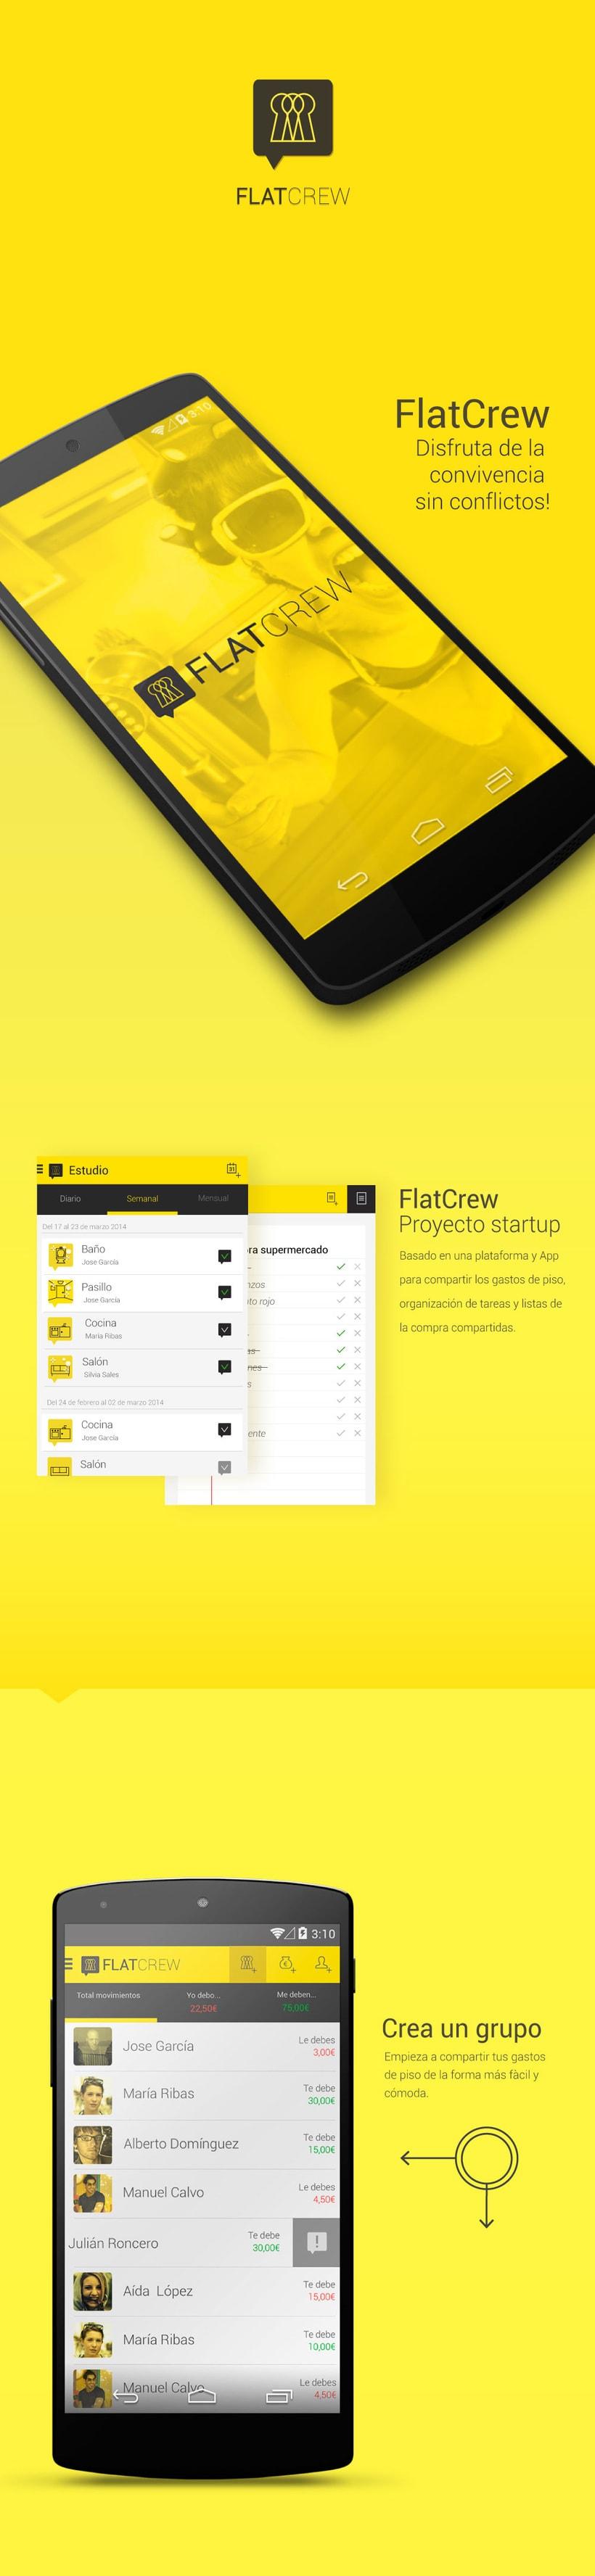 Flatcrew -1